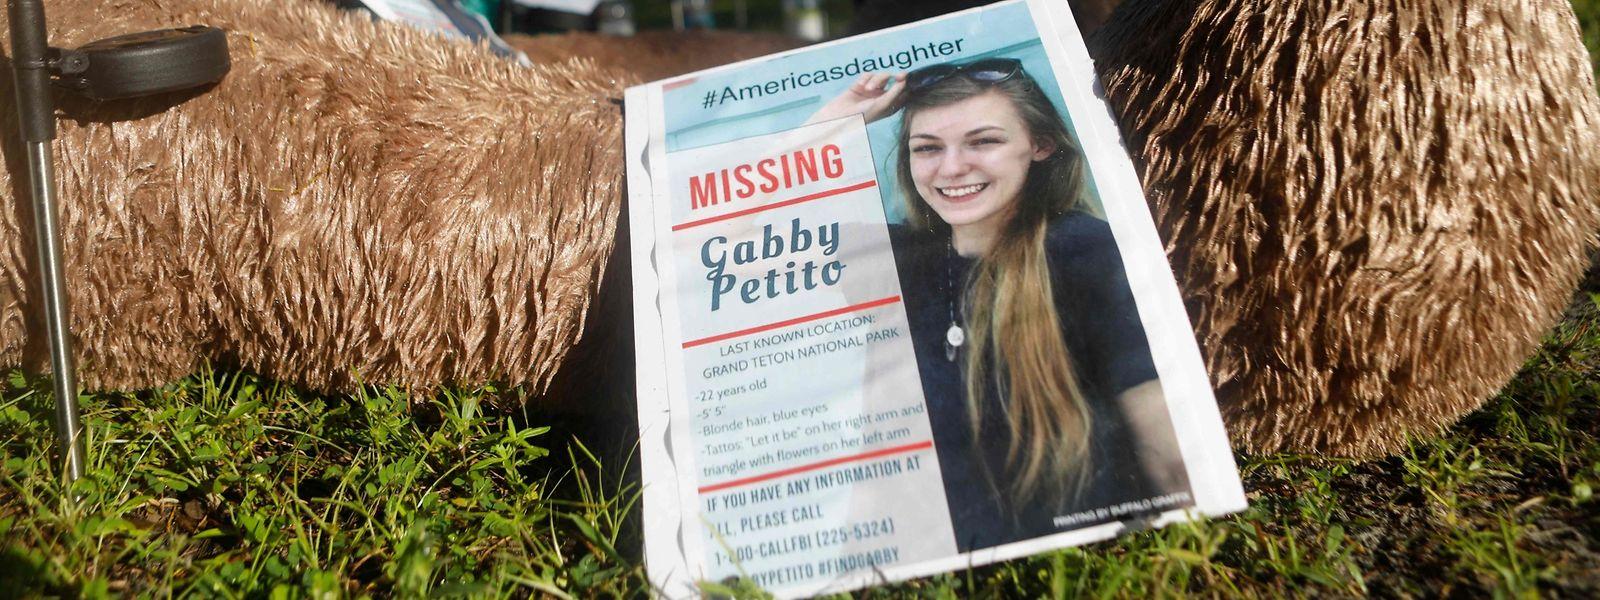 Der Fall der ermordeten Studentin beschäftigt die USA.